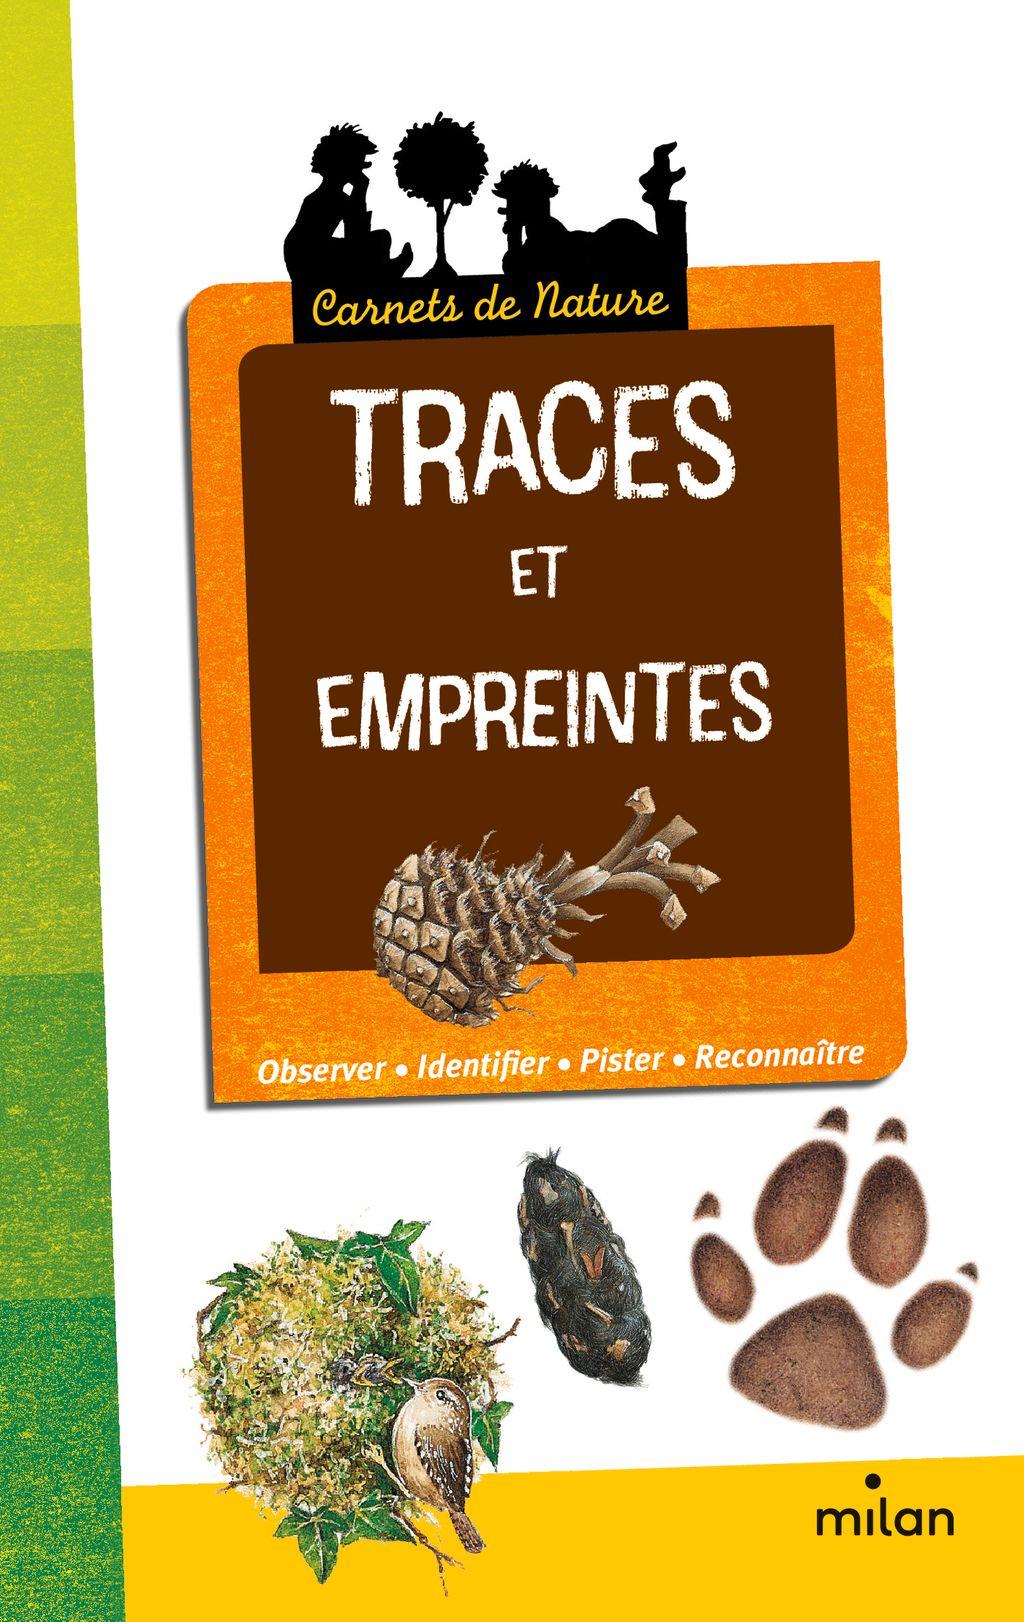 «Traces et empreintes» cover